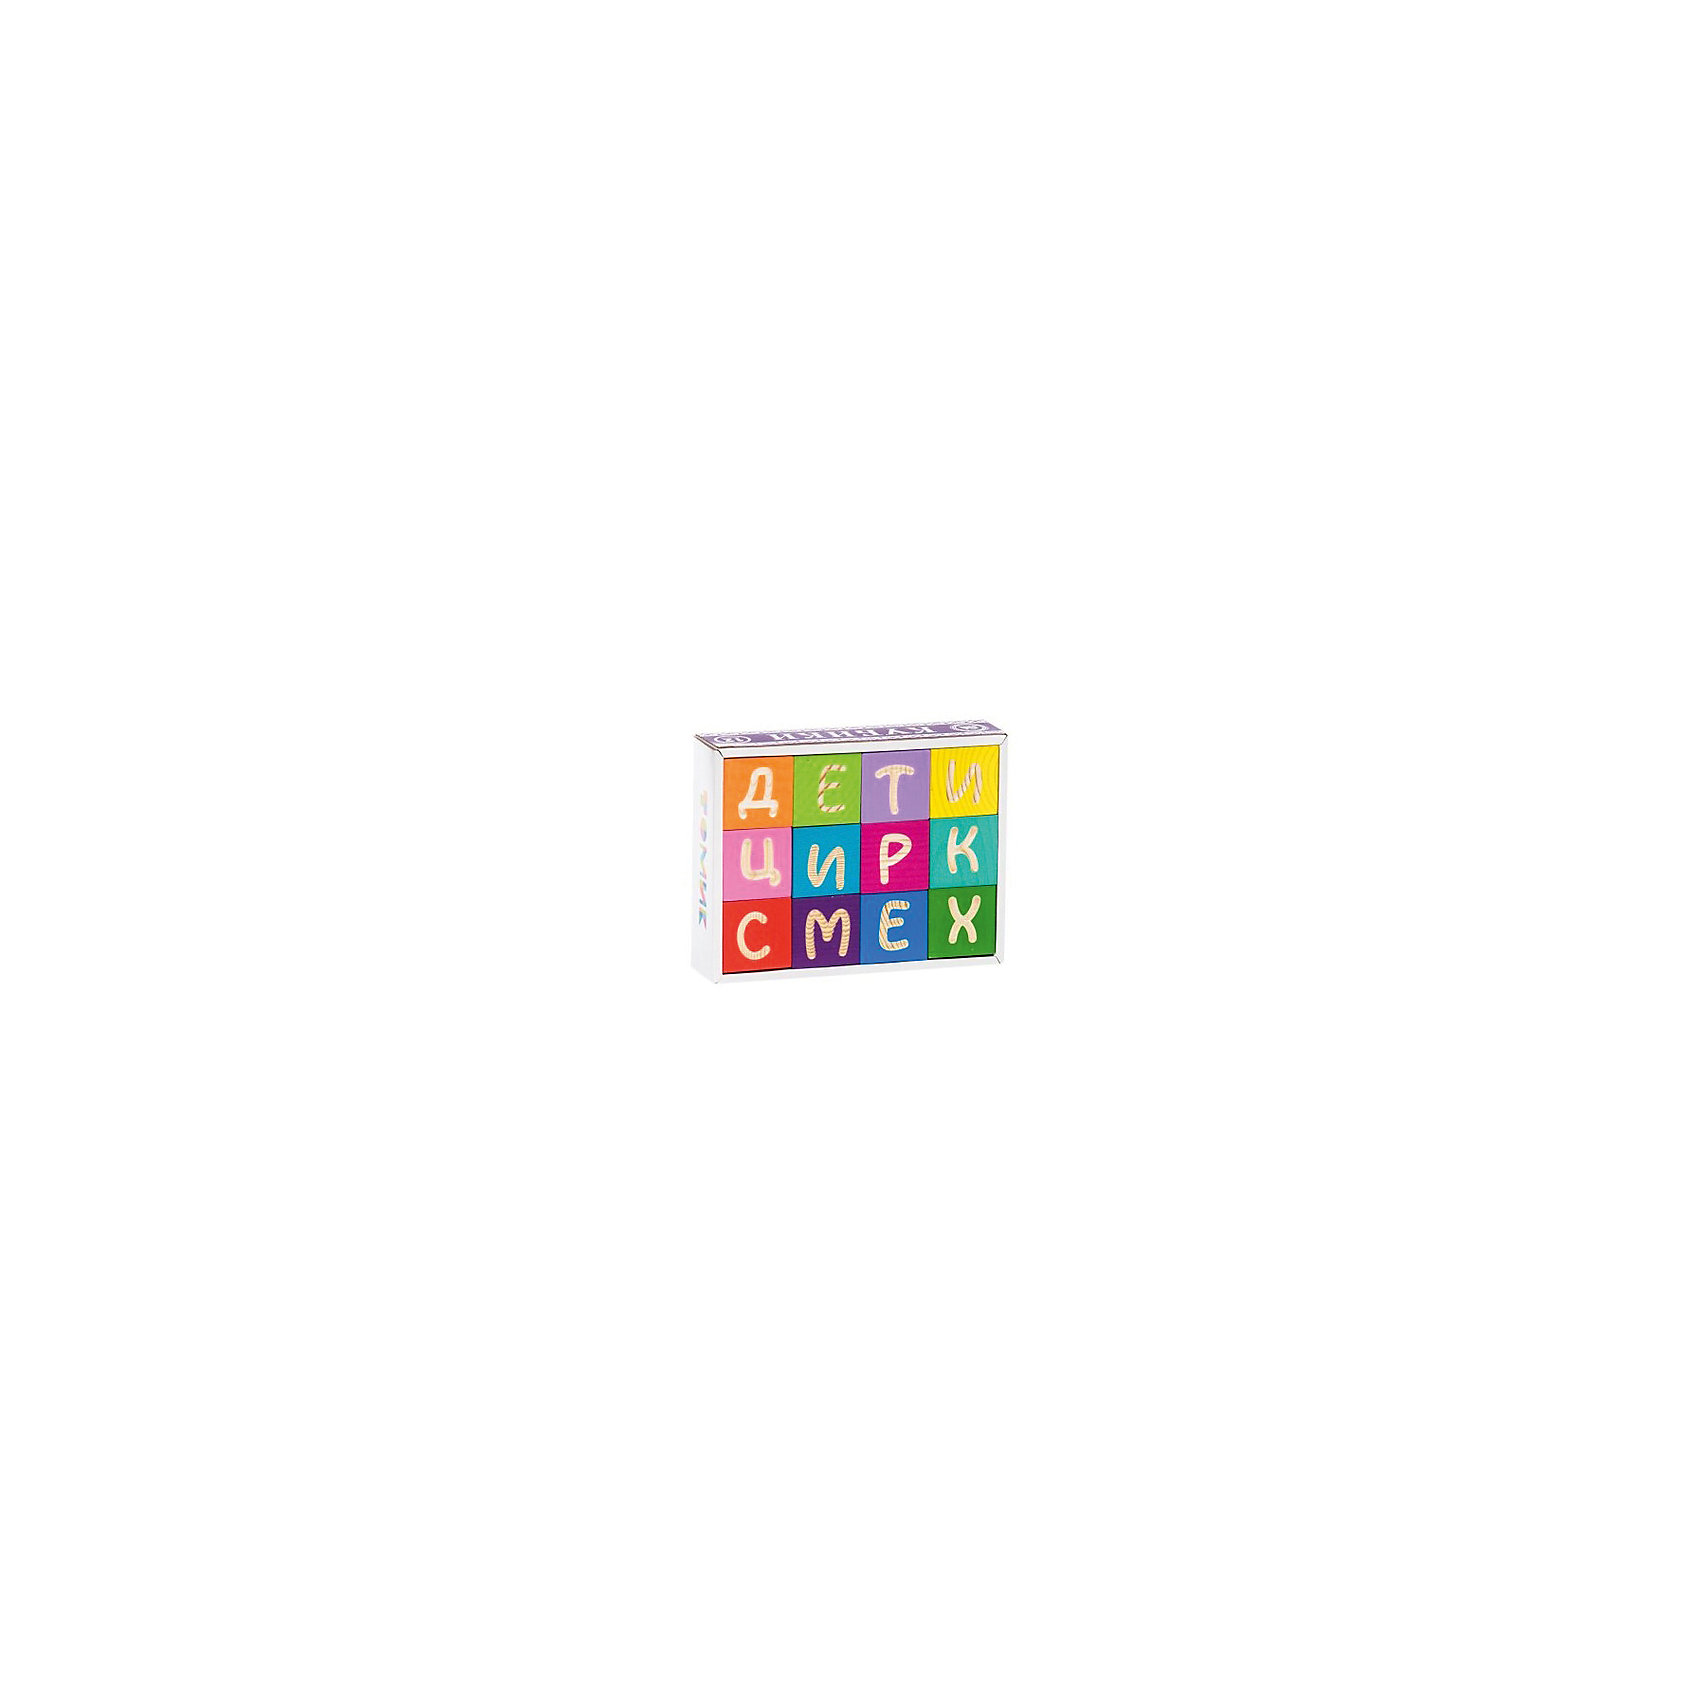 Кубики Веселая азбука, 12 штук,ТомикКубики<br>Кубики Веселая азбука, 12 штук, Томик – это замечательный набор деревянных кубиков, на которых изображены буквы русского алфавита.<br>С помощью кубиков Веселая азбука ребенок познакомится с буквами и научится составлять из них слова. Кроме того из кубиков можно строить башни, дома, арки и многое другое. Небольшие размеры кубиков (грань 4 см) позволяют играть с ними даже самым маленьким. Кубики изготовлены из экологически чистого материала – древесины хвойных пород. Рисунки, нанесённые способом шелкографии — надёжны и долговечны. Кубики развивают логическое мышление, наглядно-образное мышление, память, мелкую моторику рук, внимание. Они станут хорошей подготовкой к школе.<br><br>Дополнительная информация:<br><br>- Количество кубиков: 12 шт.<br>- Размер кубика: 4 х 4 х 4 см.<br>- Материал: древесина<br>- Упаковка: картонная коробка<br>- Размер упаковки: 17 х 13 х 4 см.<br>- Вес: 411 гр.<br><br>Кубики Веселая азбука, 12 штук, Томик можно купить в нашем интернет-магазине.<br><br>Ширина мм: 42<br>Глубина мм: 170<br>Высота мм: 132<br>Вес г: 411<br>Возраст от месяцев: 36<br>Возраст до месяцев: 84<br>Пол: Унисекс<br>Возраст: Детский<br>SKU: 4317182